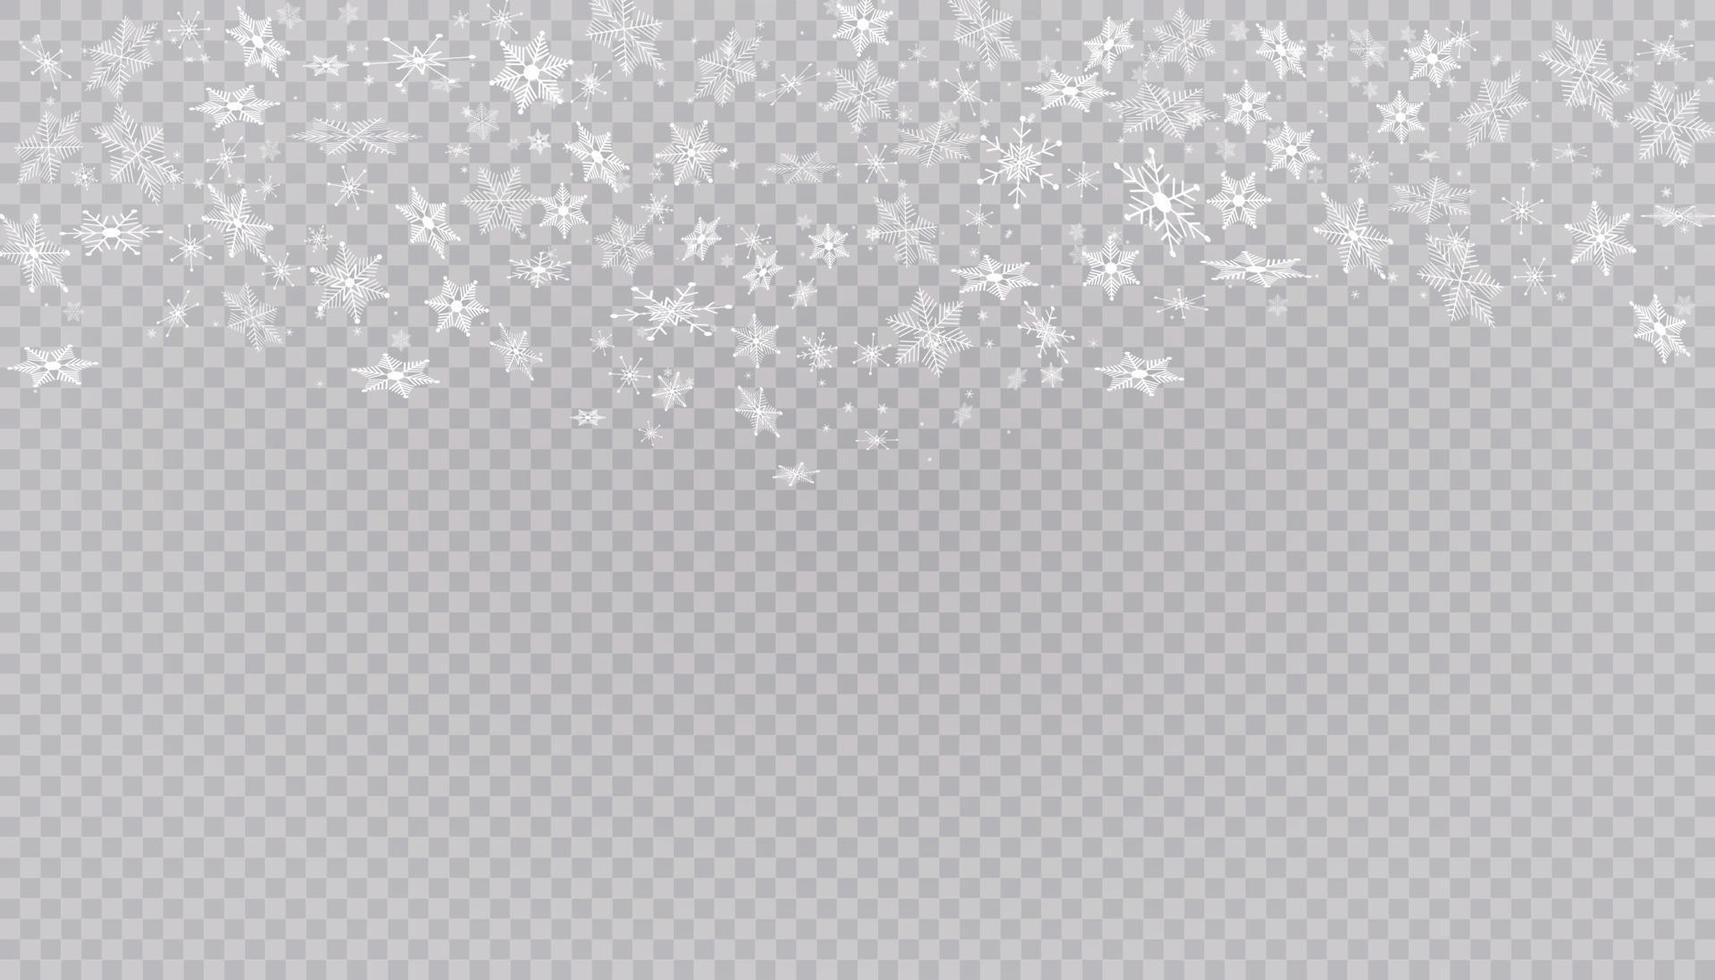 vit snö flyger. jul snöflingor. vinter snöstorm bakgrundsillustration. vektor